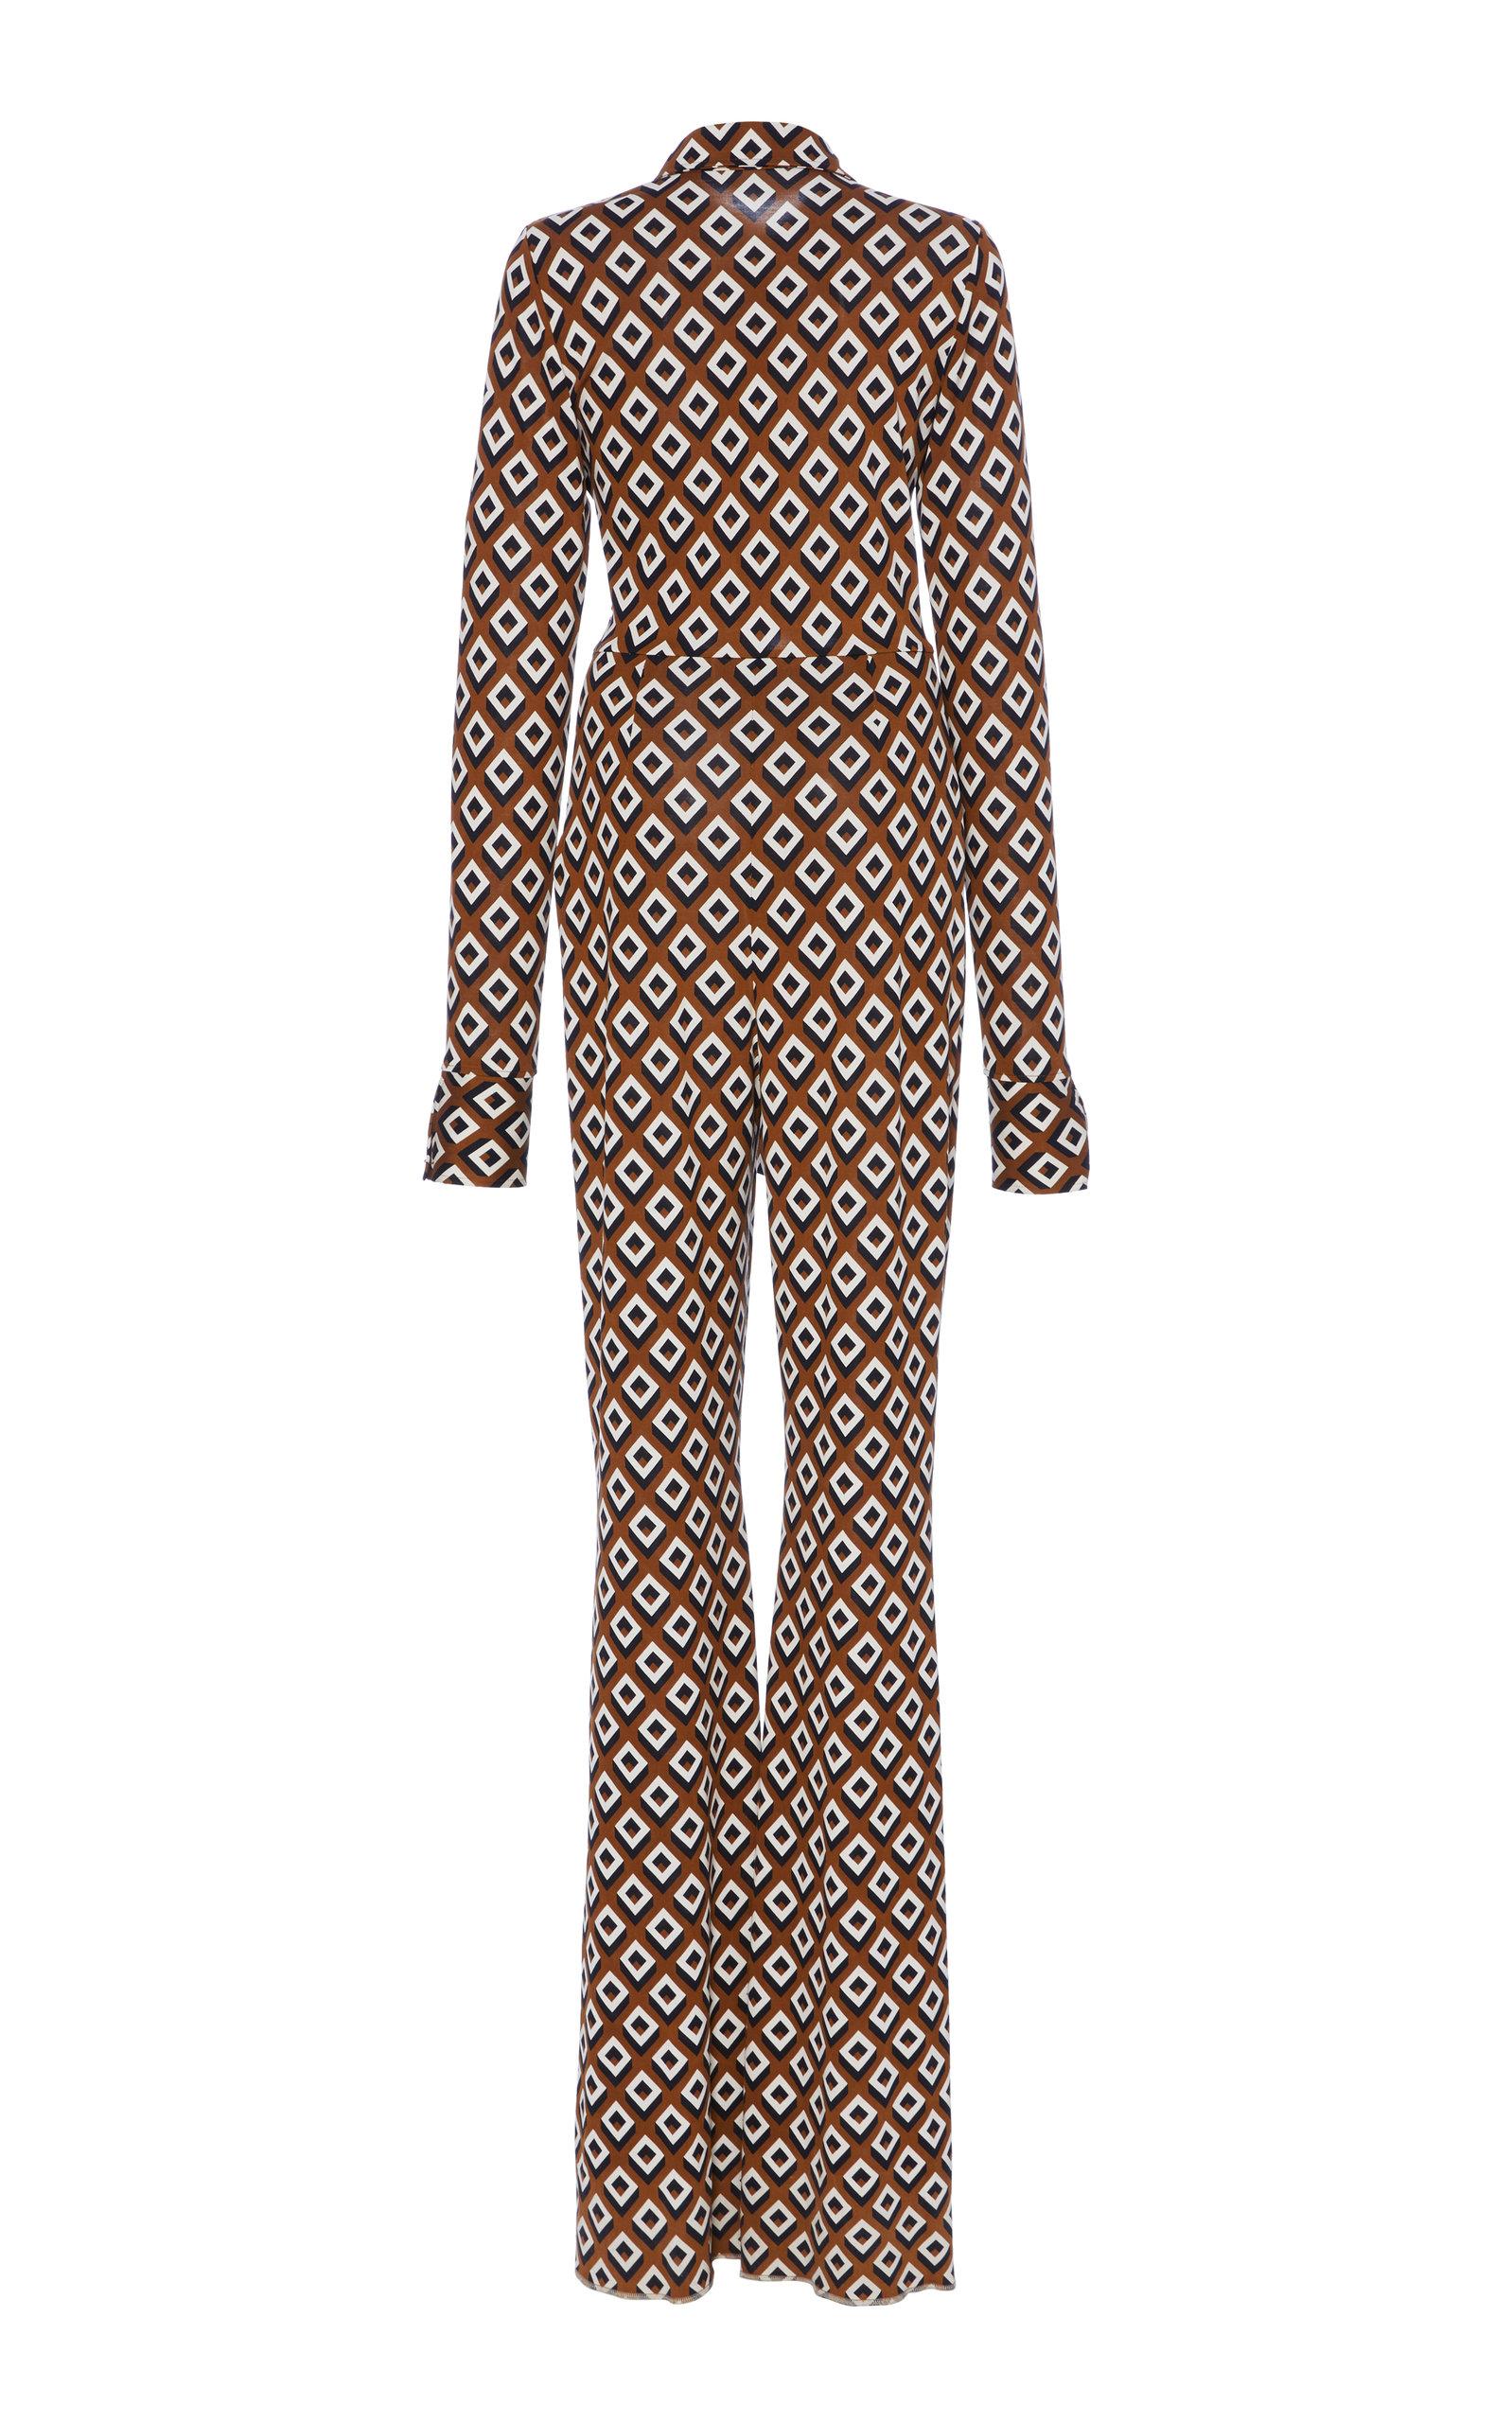 19 Luxury Diane Von Furstenberg Size Guide